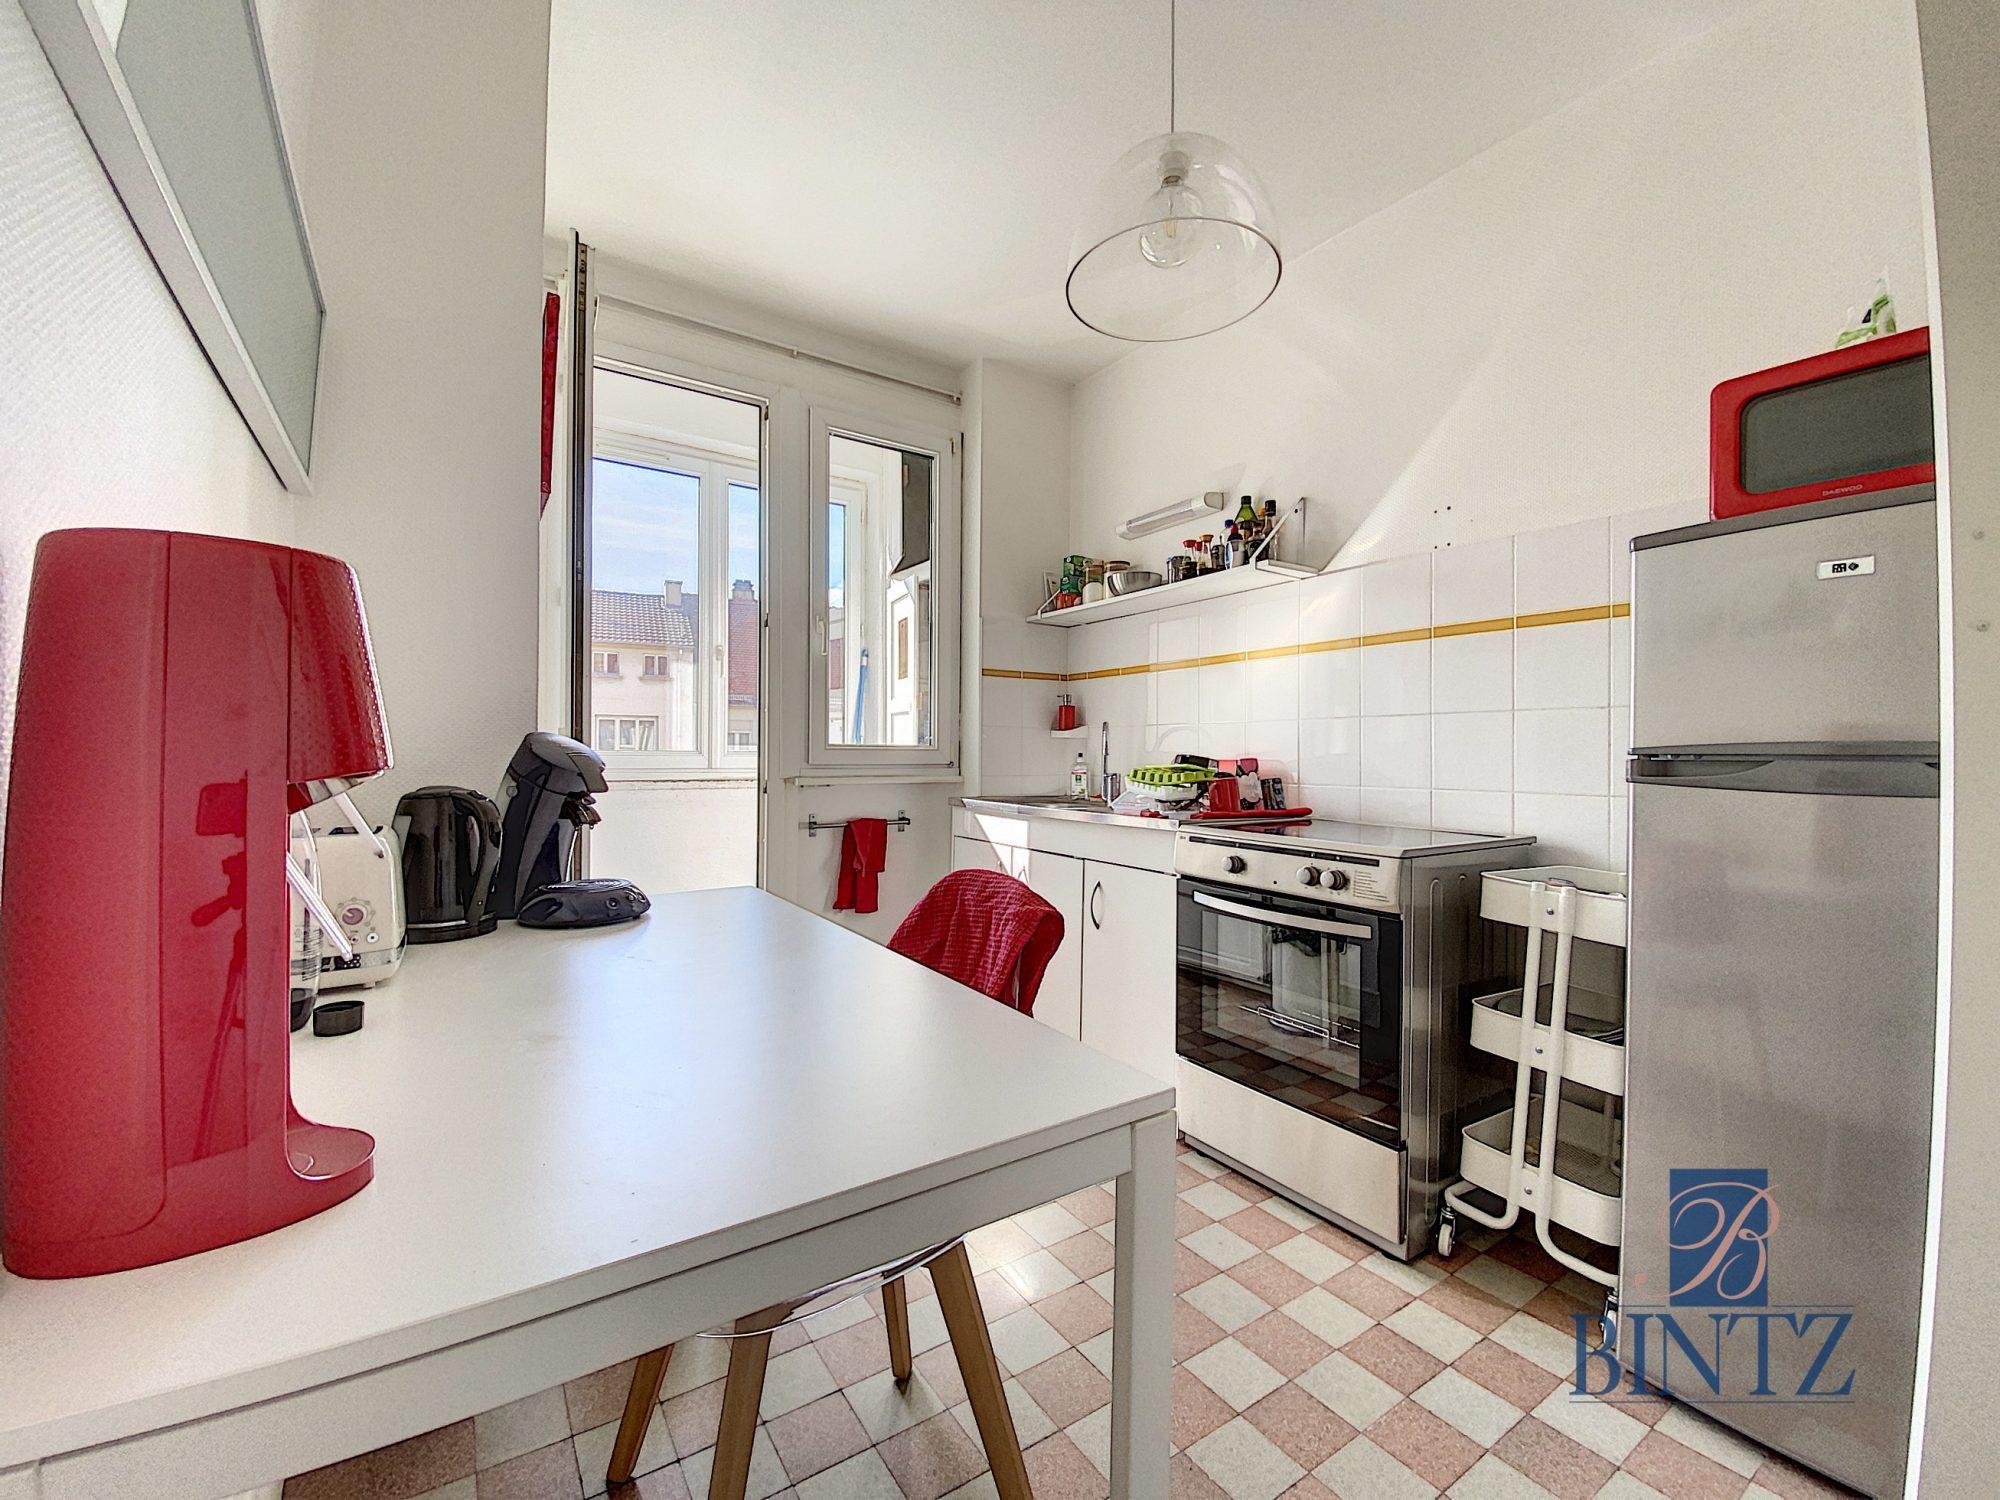 1 PIÈCE QUARTIER KRUTENAU - Devenez locataire en toute sérénité - Bintz Immobilier - 7